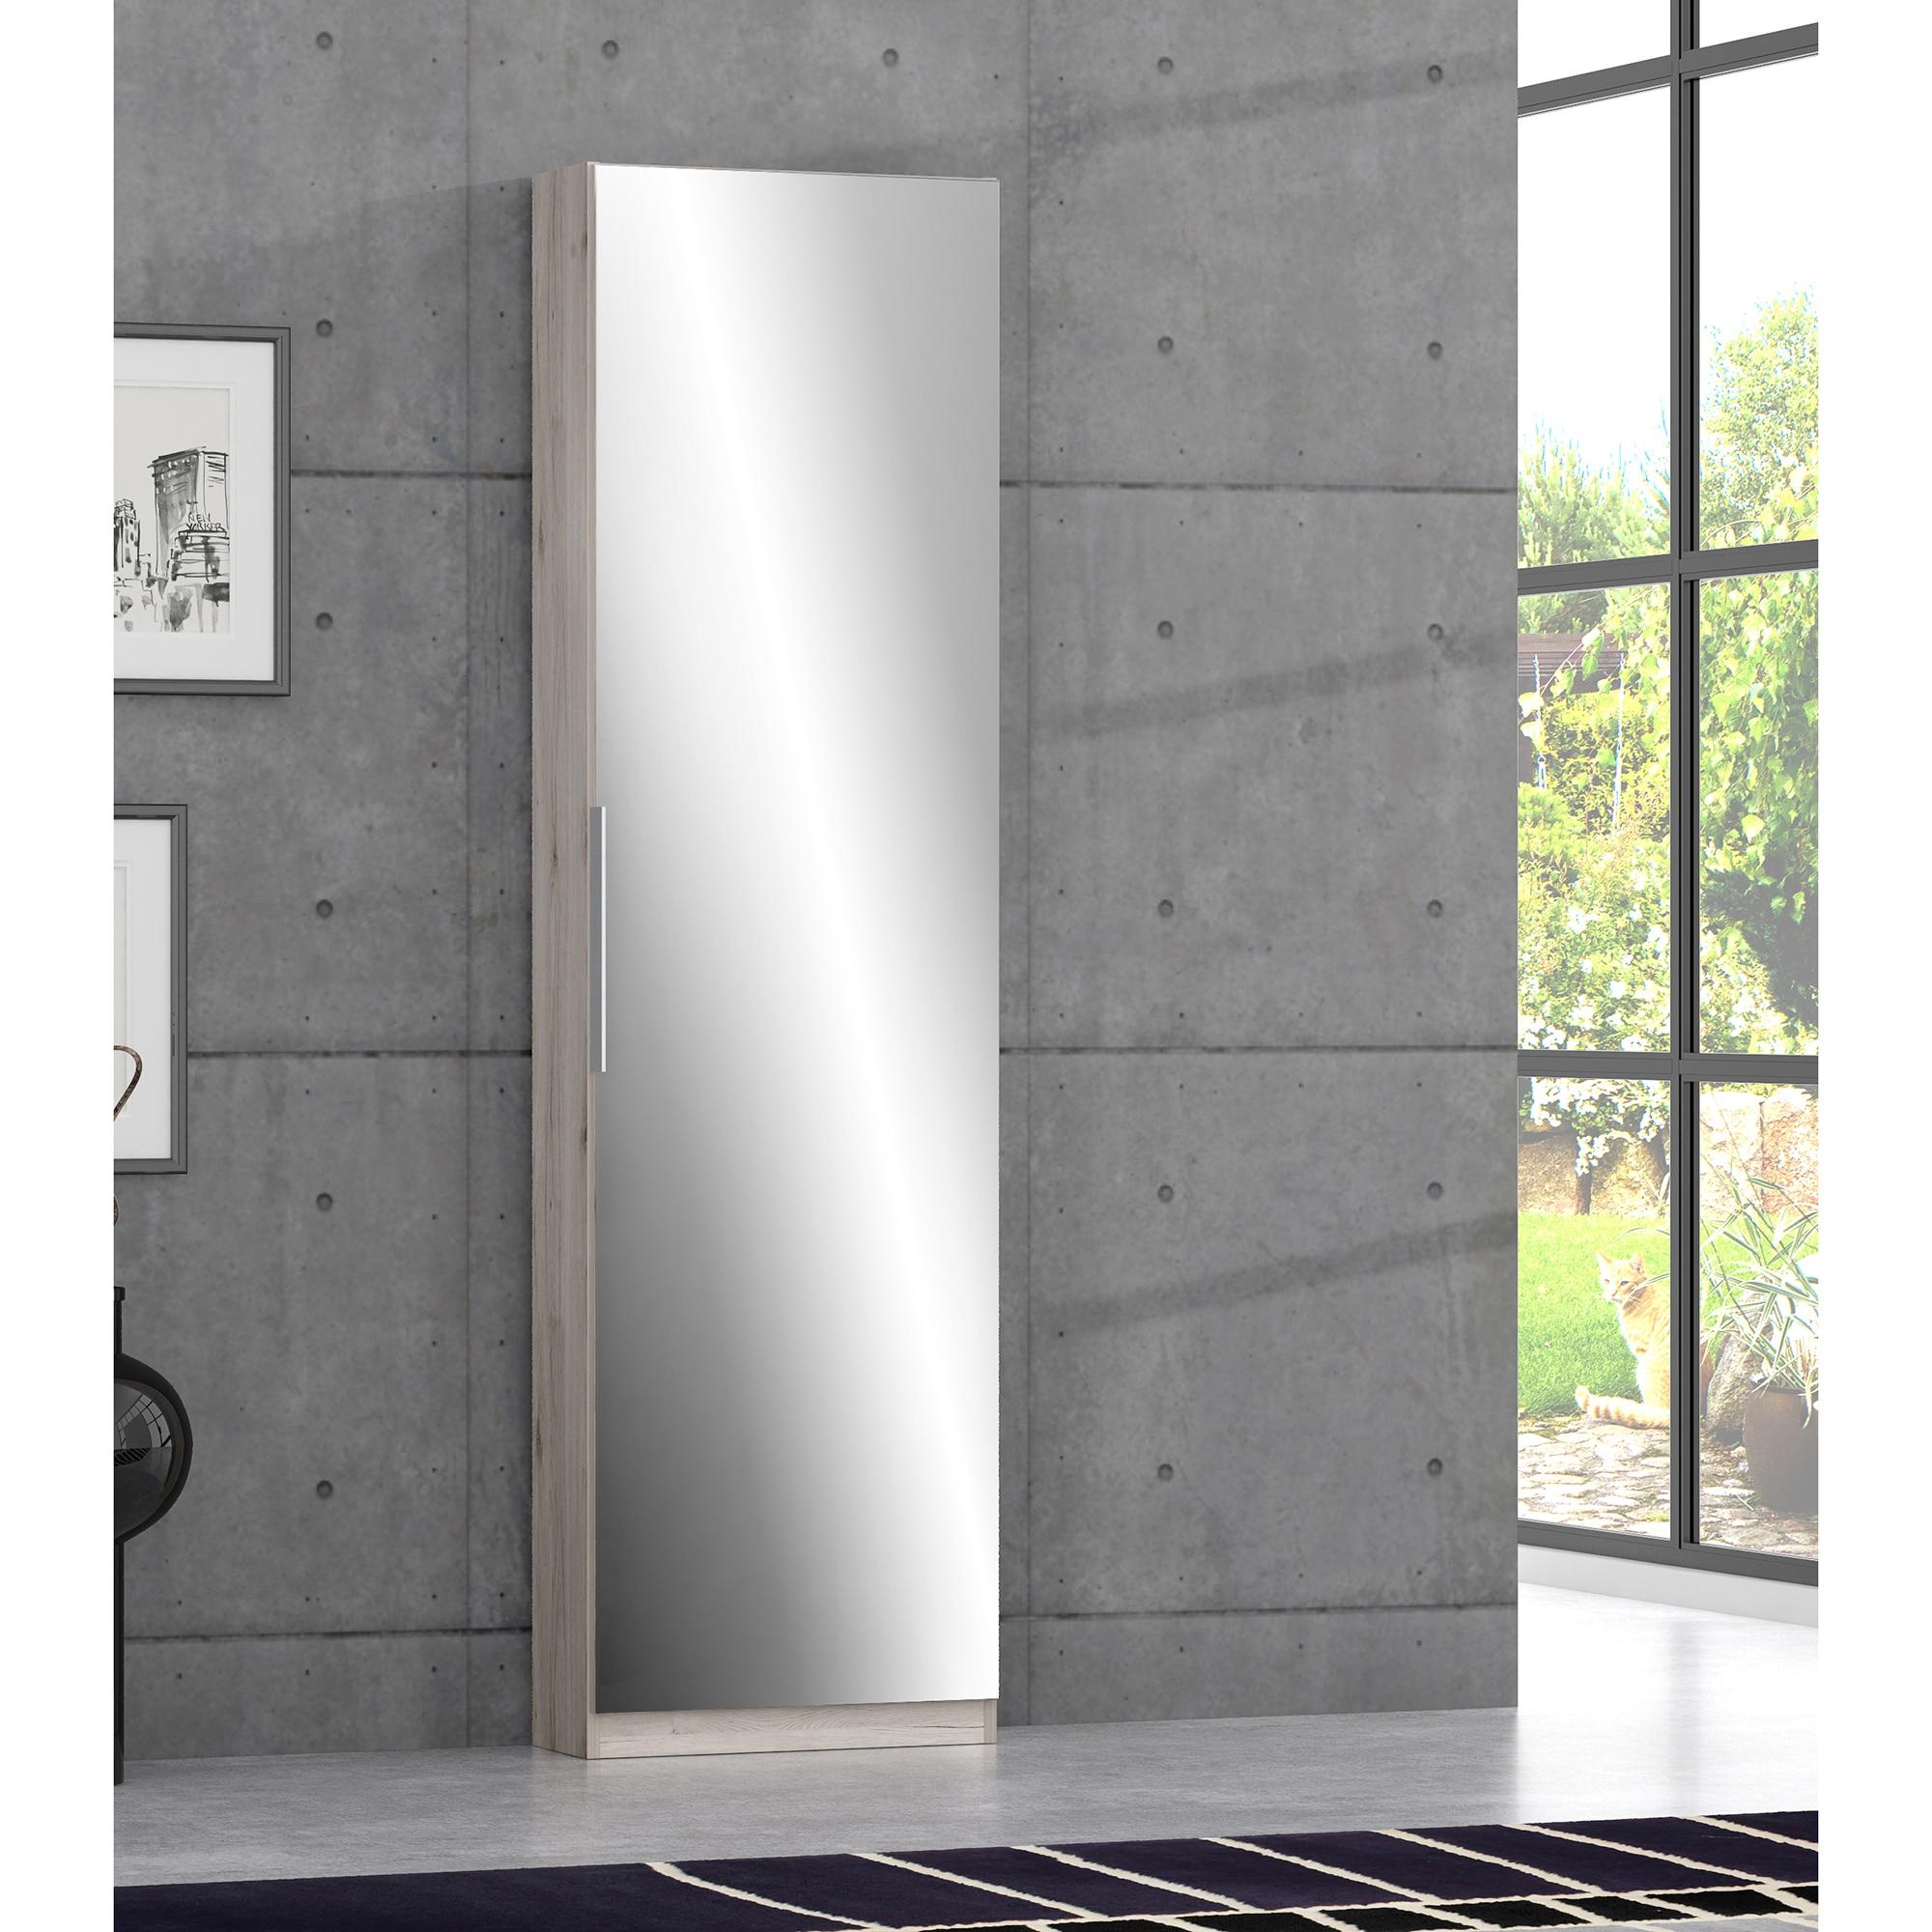 Fotografie Pantofar Kring Bright II, 50 x 180 x 20, Stejar/oglinda